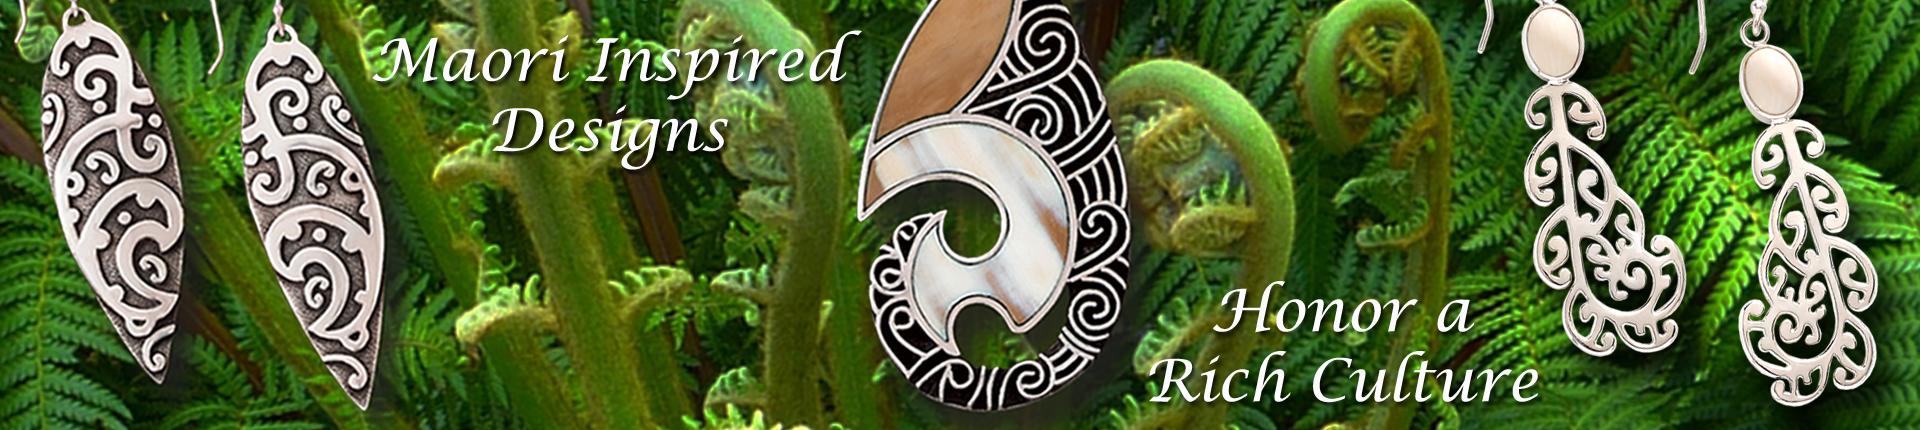 Zealandia maori jewelry, fossilized ivory necklace